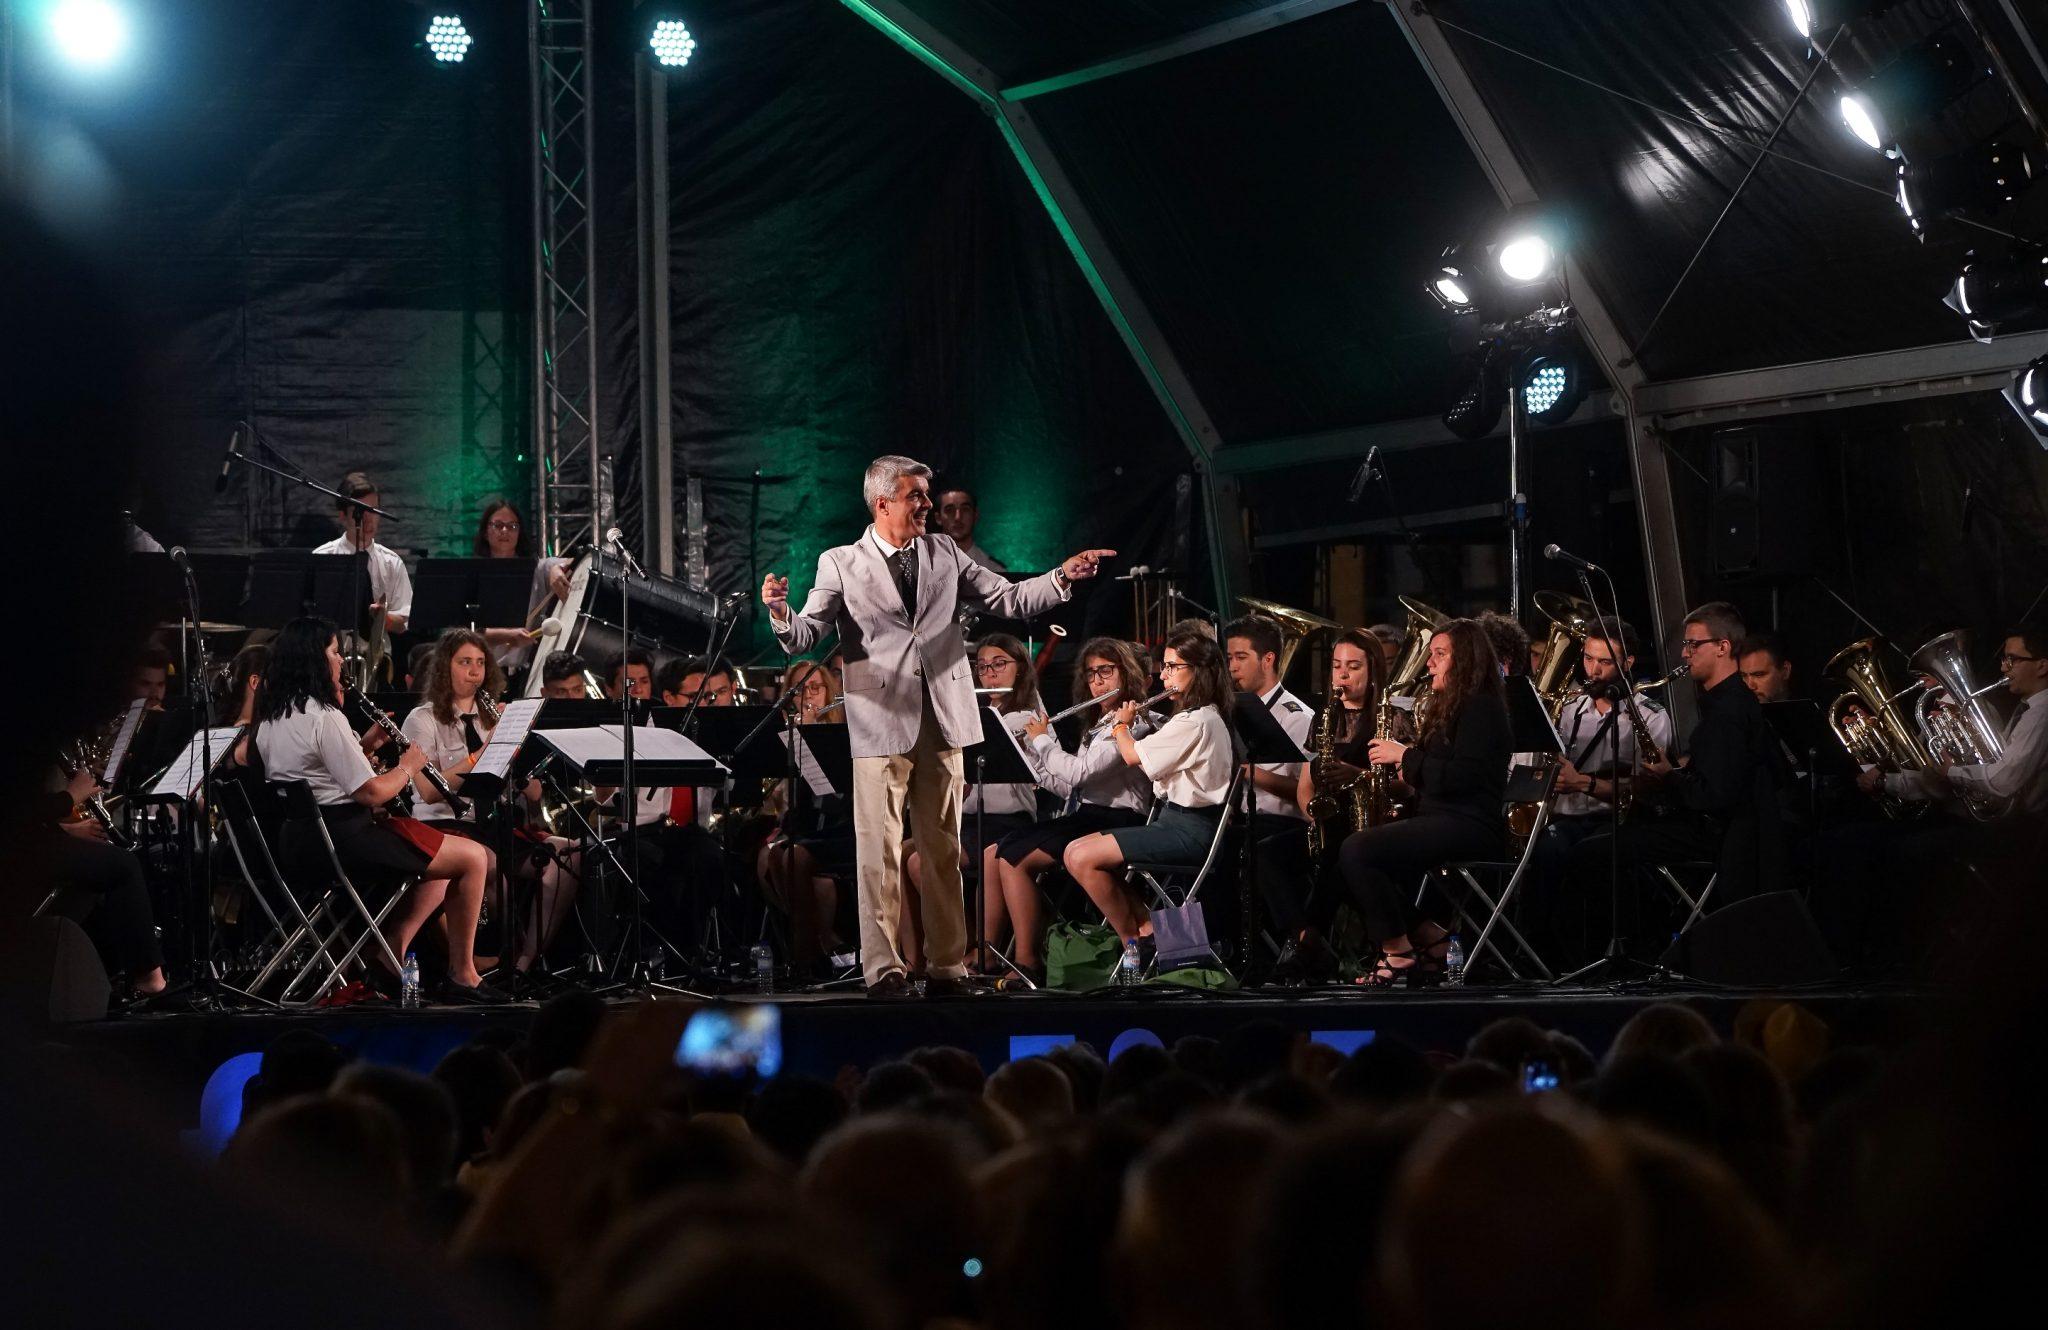 Banda filarmónica atua num palco de fundo preto. Ao centro, o maestro sorri para o público.